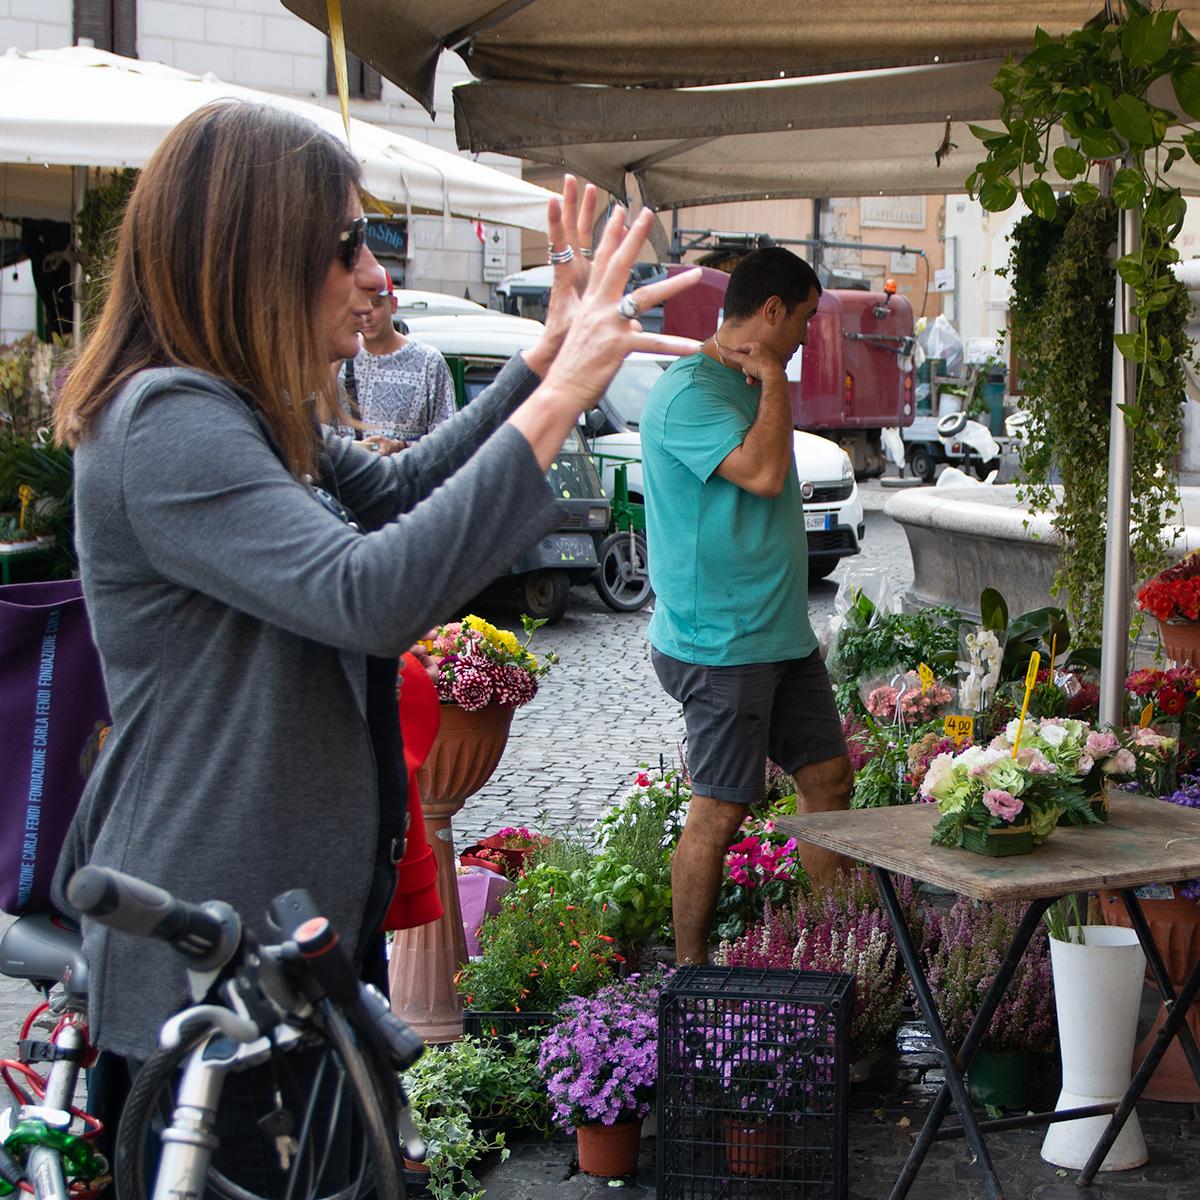 Week end à Rome : je chois et commande des fleurs avec les mains